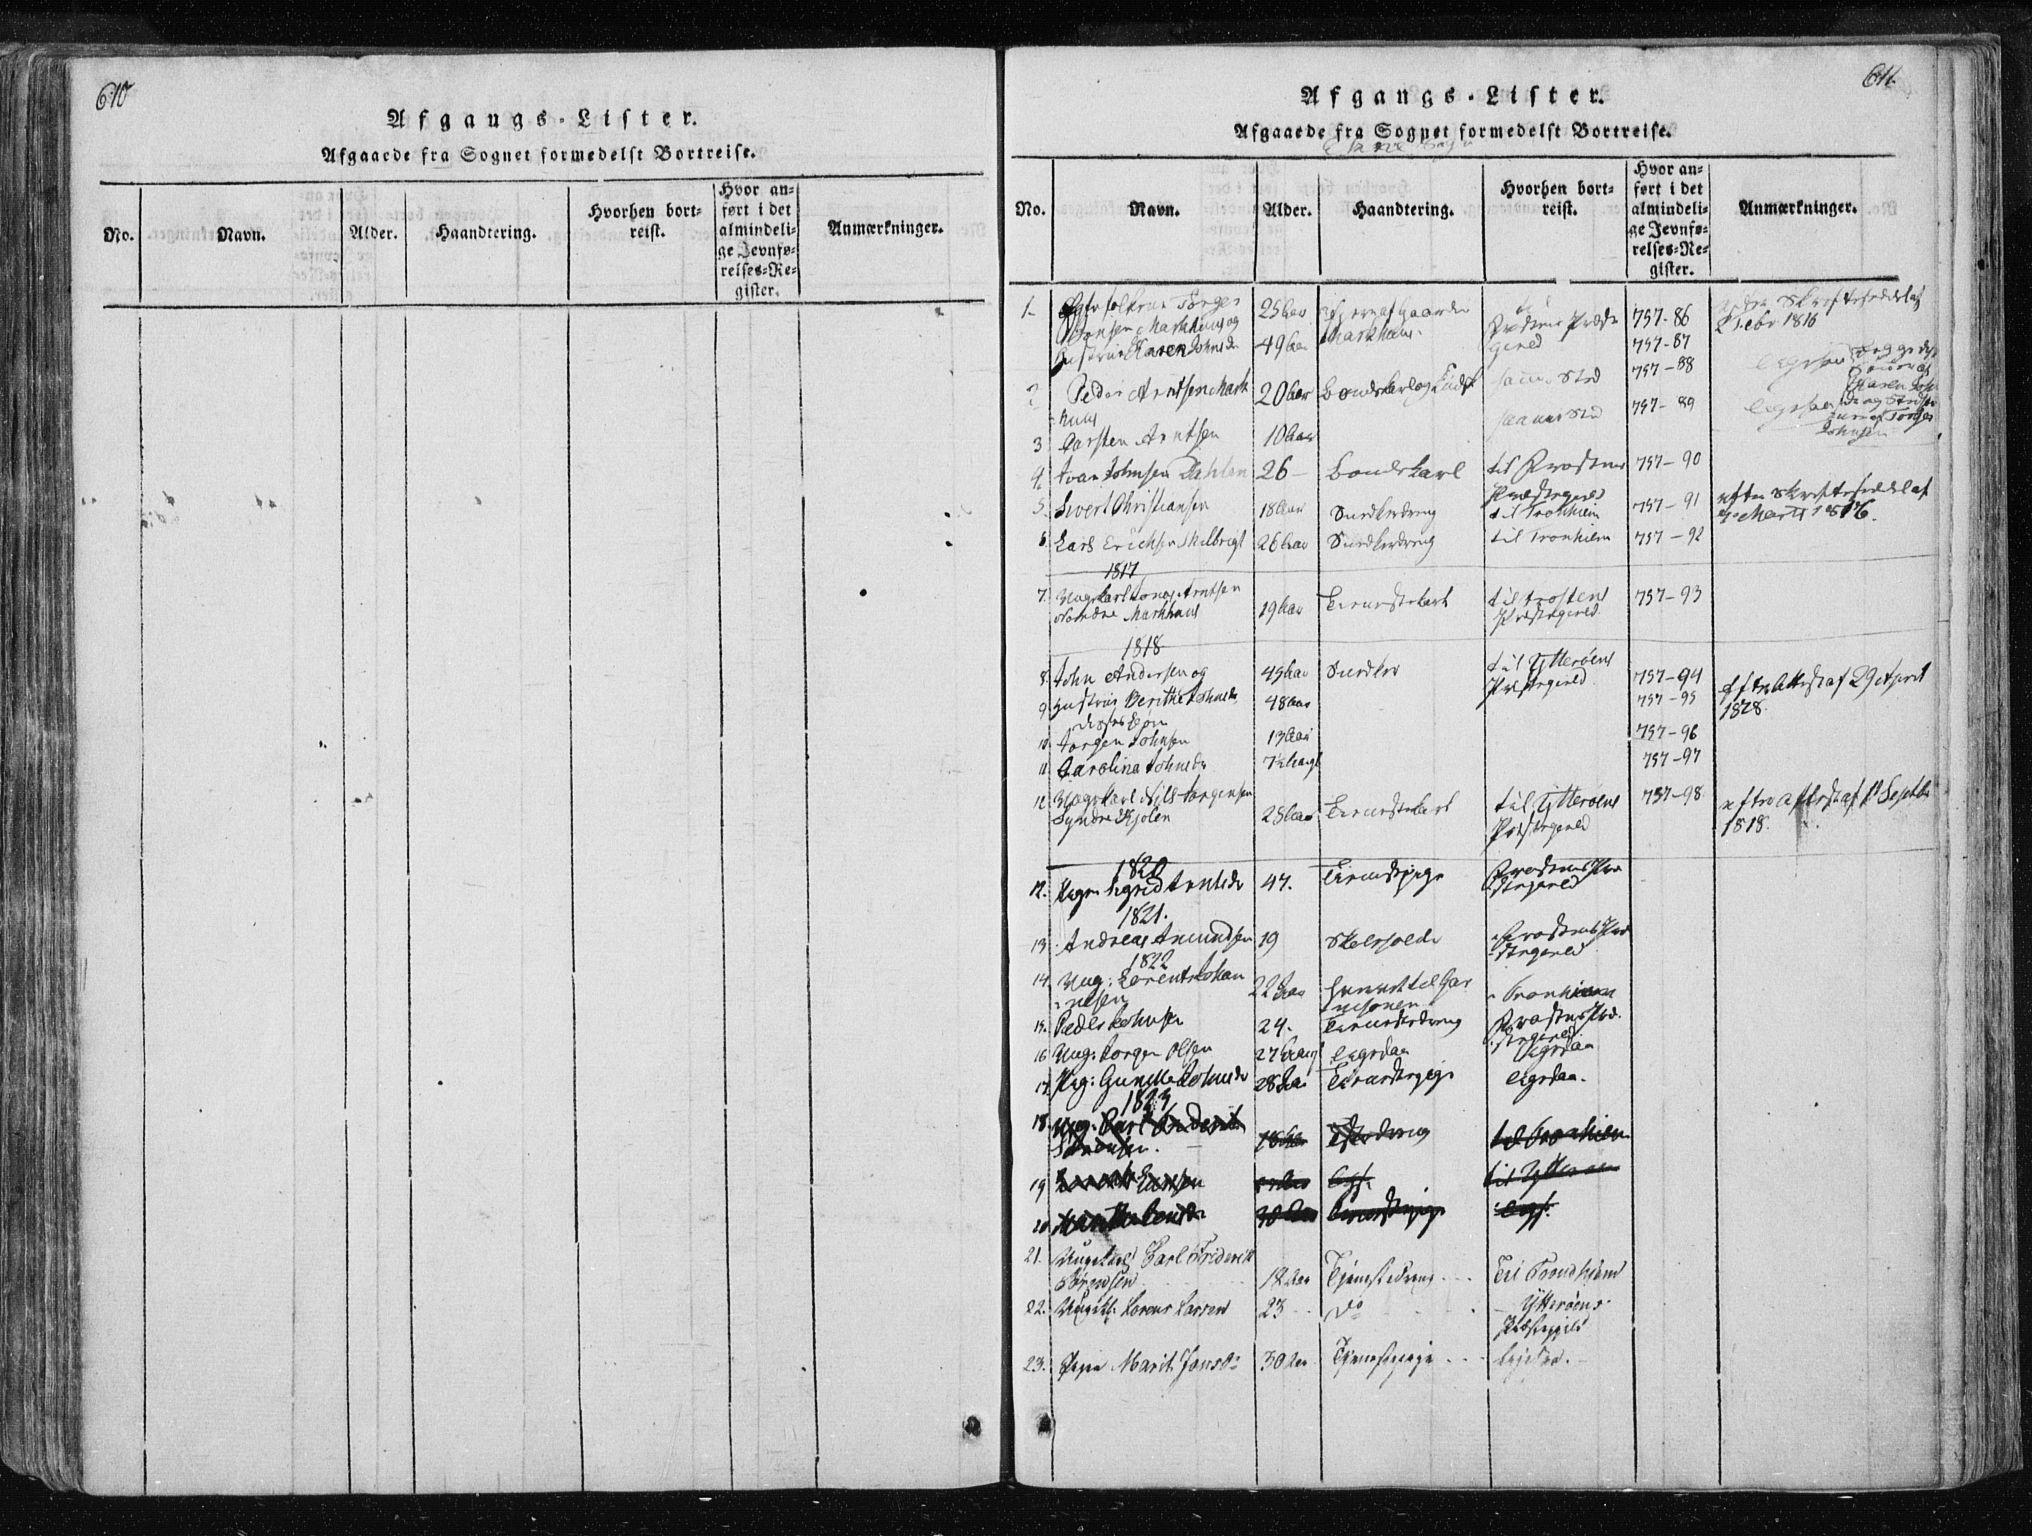 SAT, Ministerialprotokoller, klokkerbøker og fødselsregistre - Nord-Trøndelag, 717/L0148: Ministerialbok nr. 717A04 /3, 1816-1825, s. 610-611